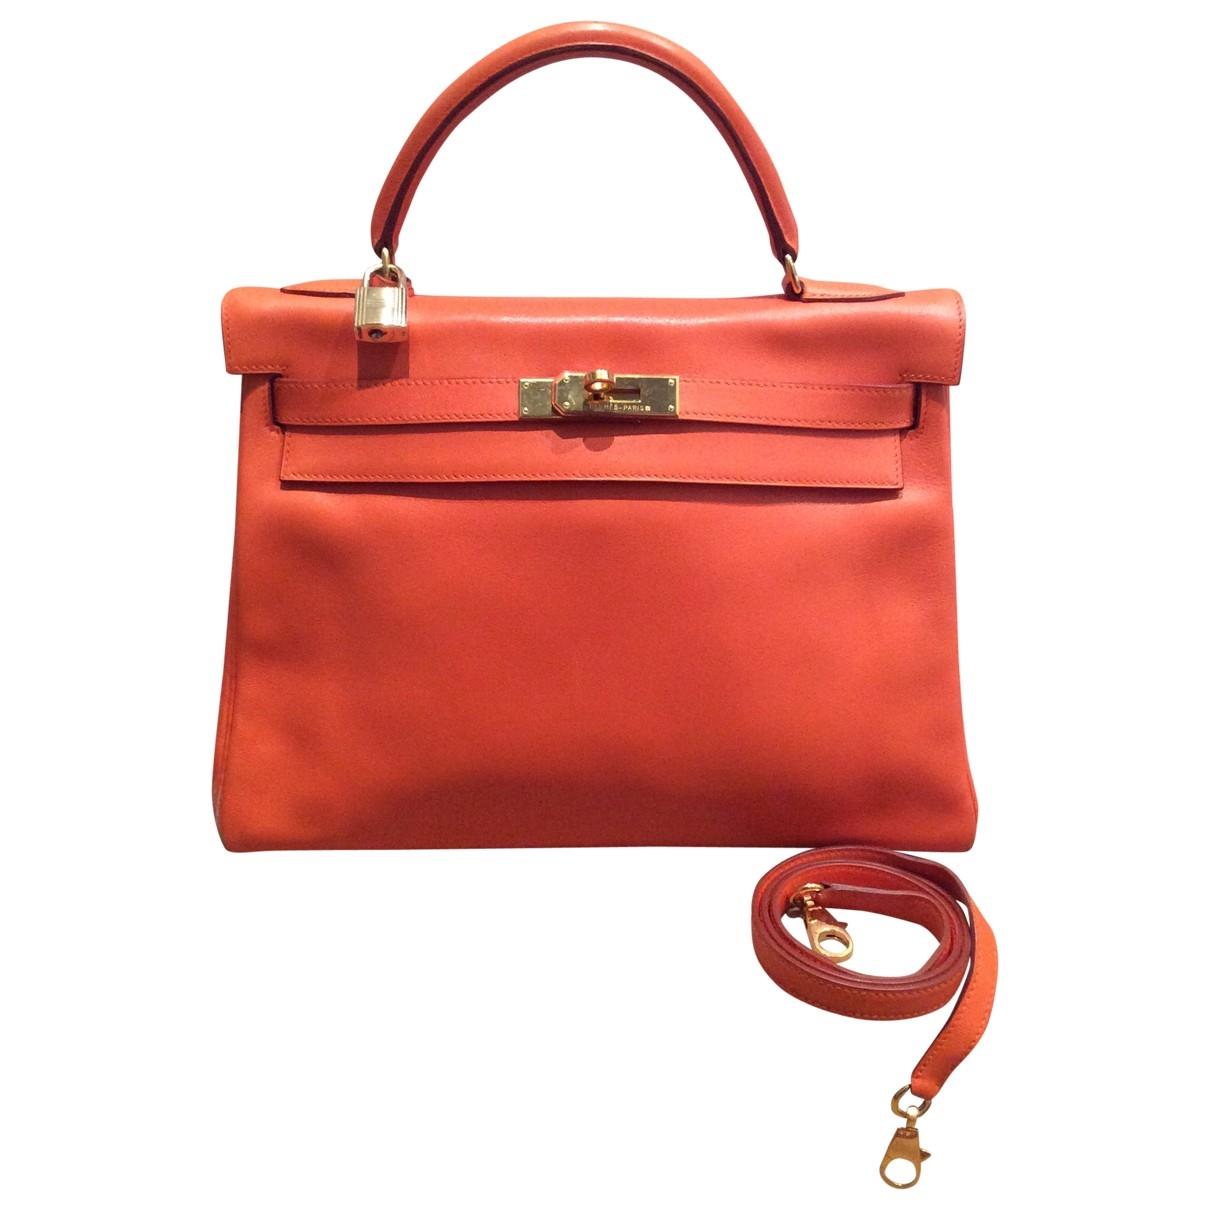 Hermes Kelly 28 Handtasche in  Orange Leder